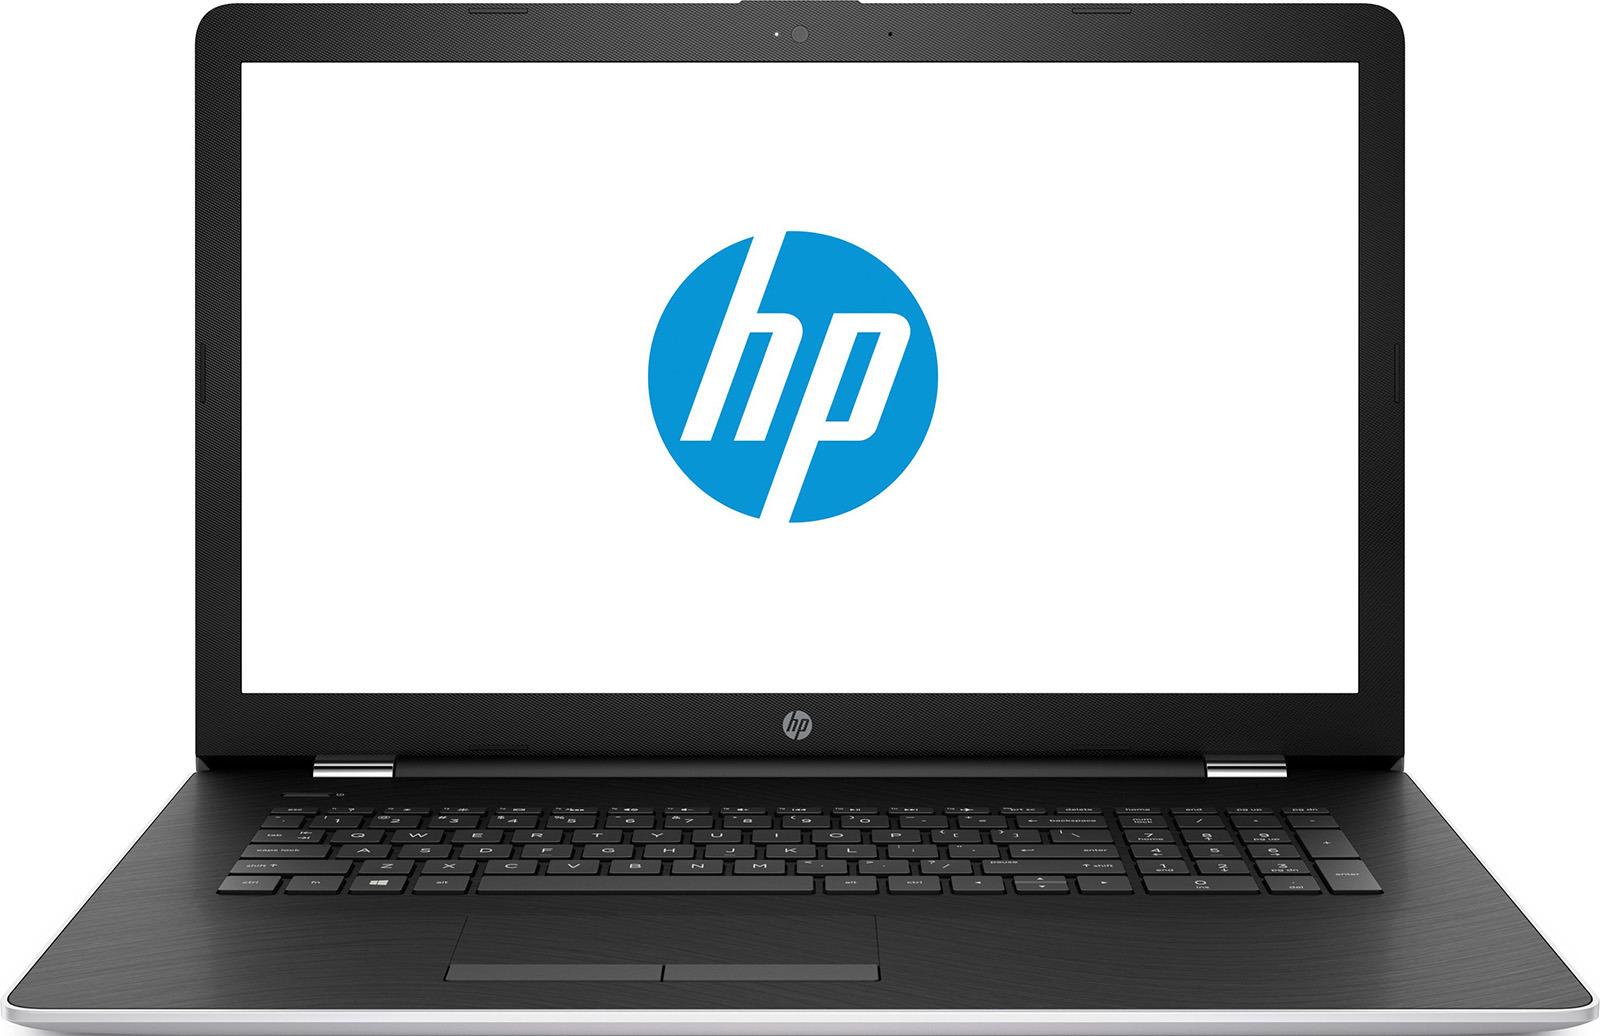 Ноутбук HP 17-ak015ur 1ZJ18EA, серебристый продам ноутбук